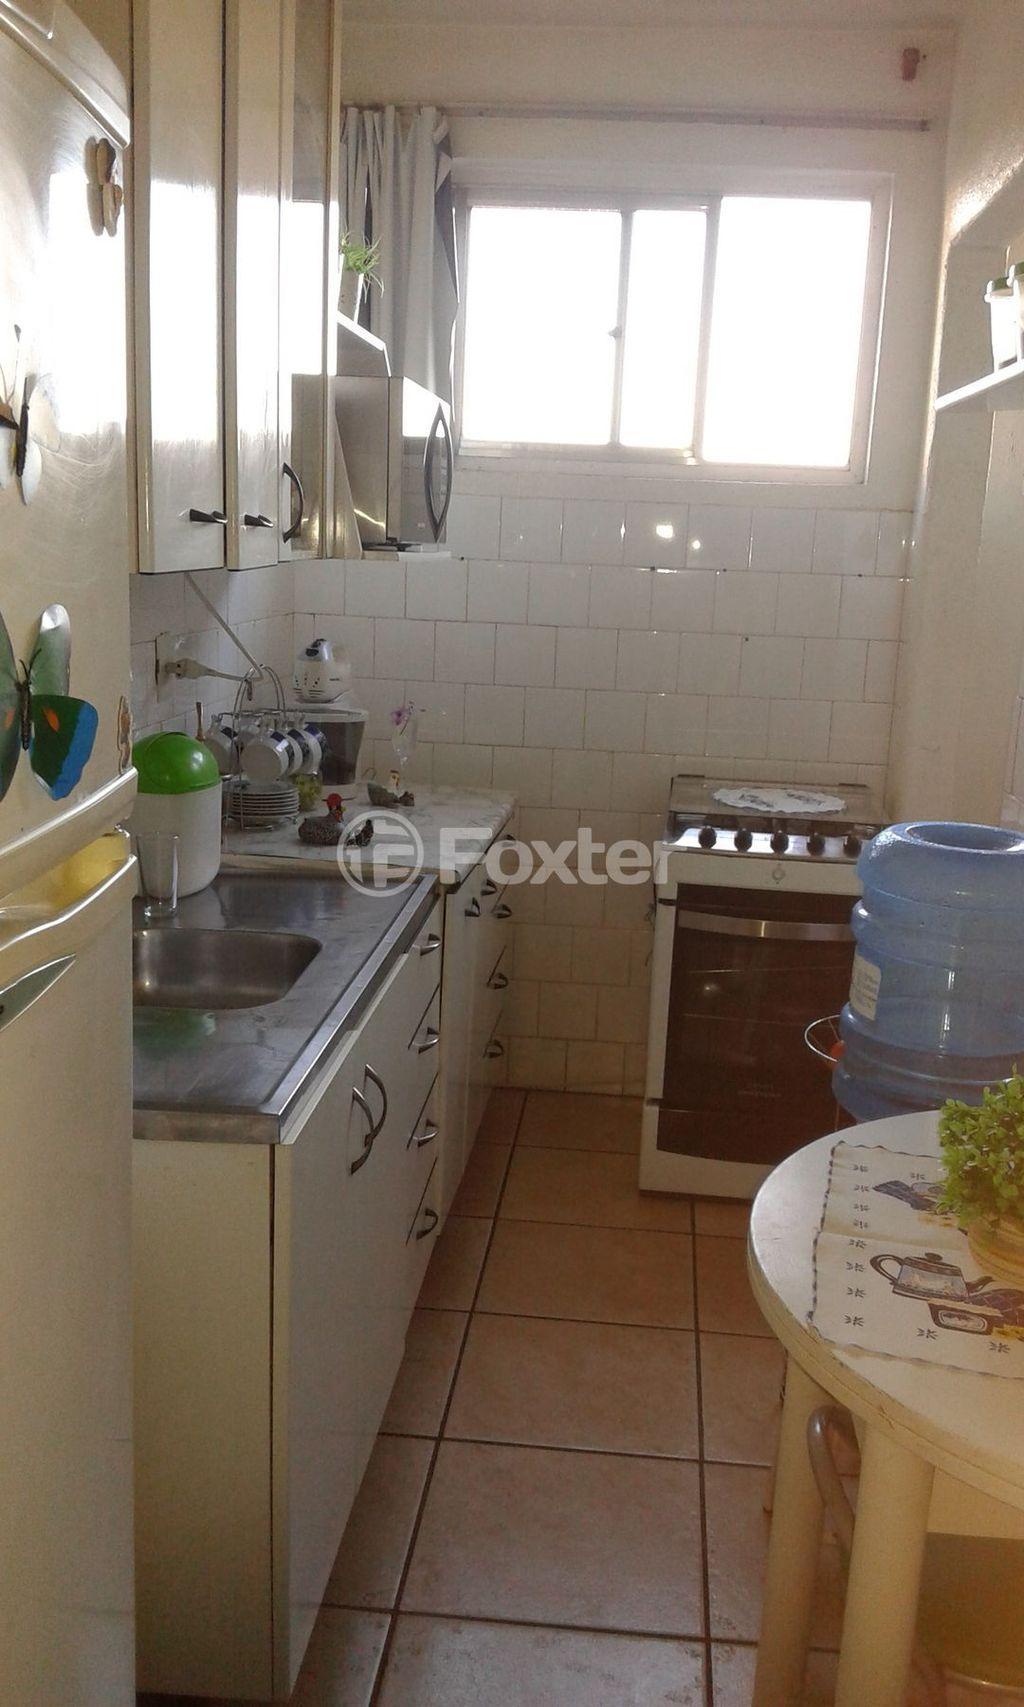 Foxter Imobiliária - Apto 3 Dorm, Porto Alegre - Foto 12